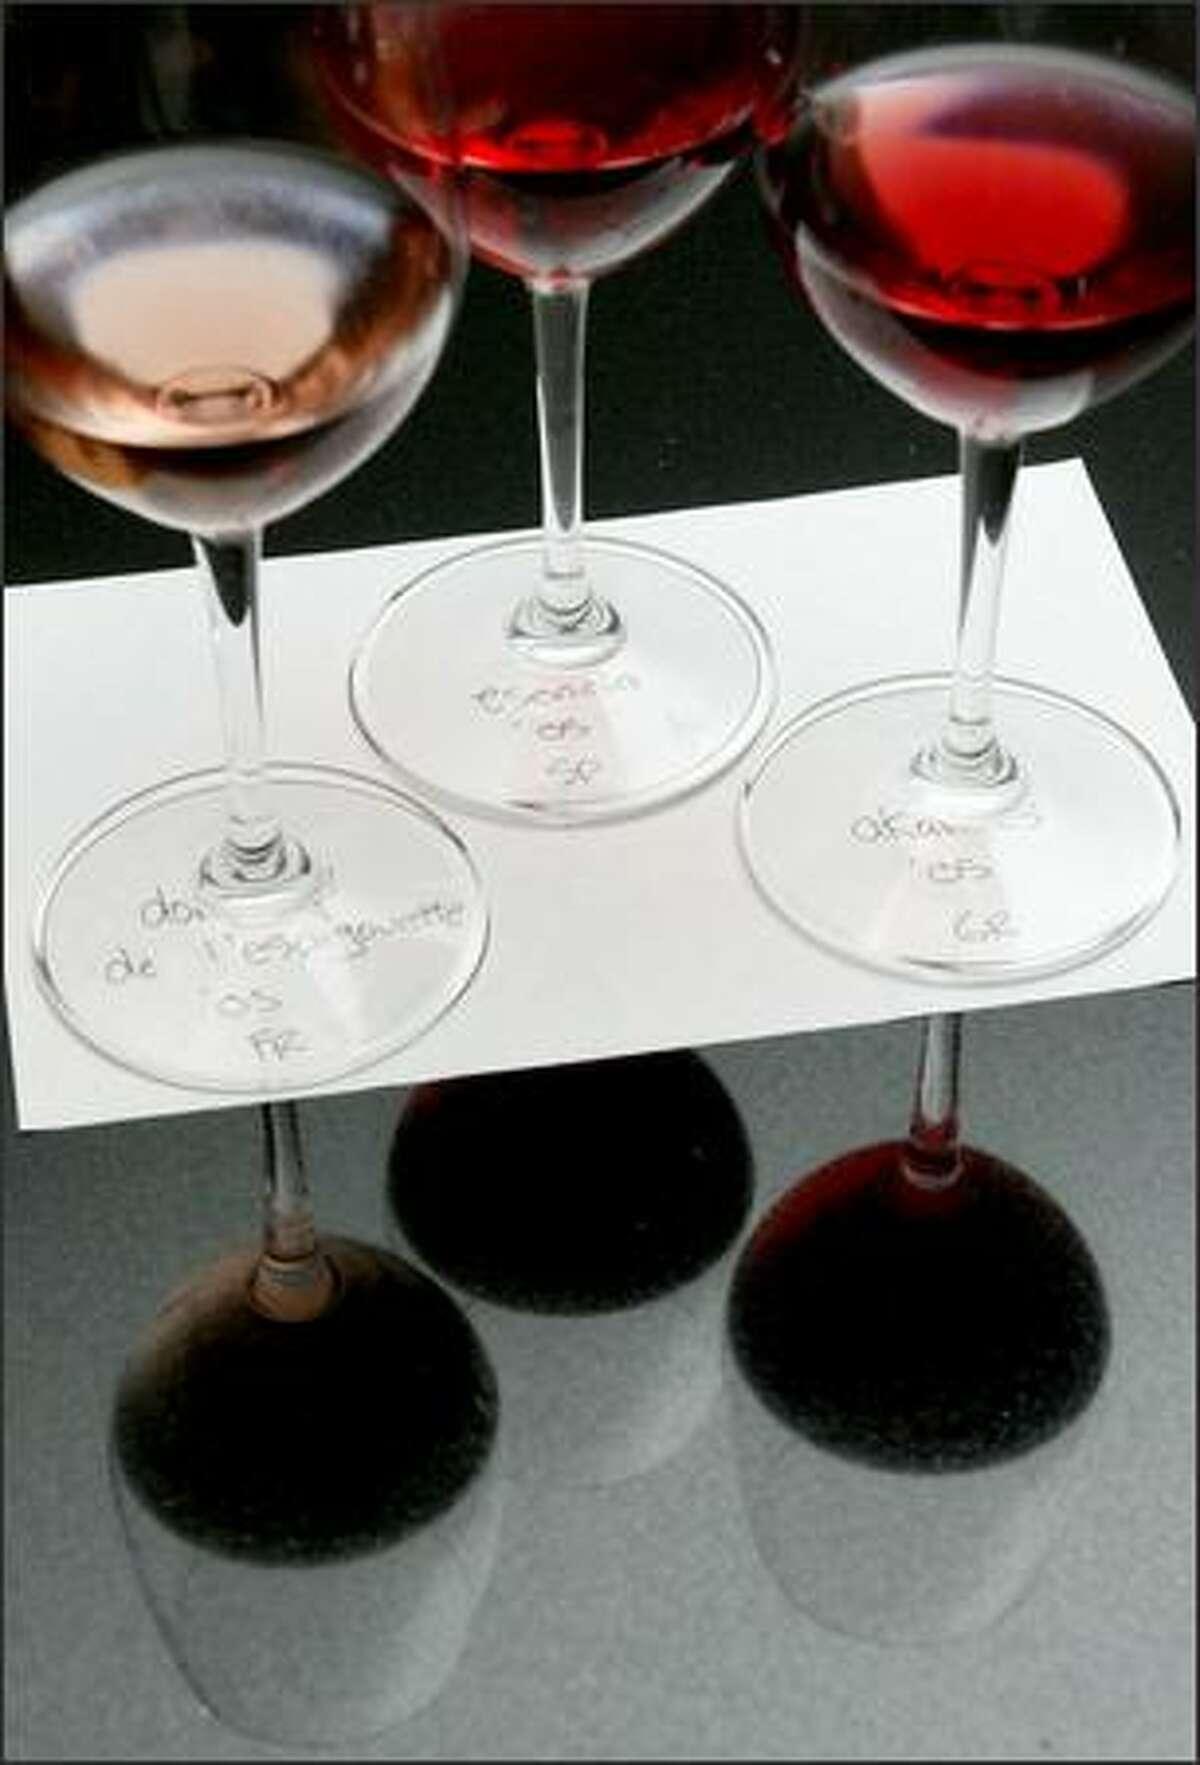 A flight of wines is set on a handwritten